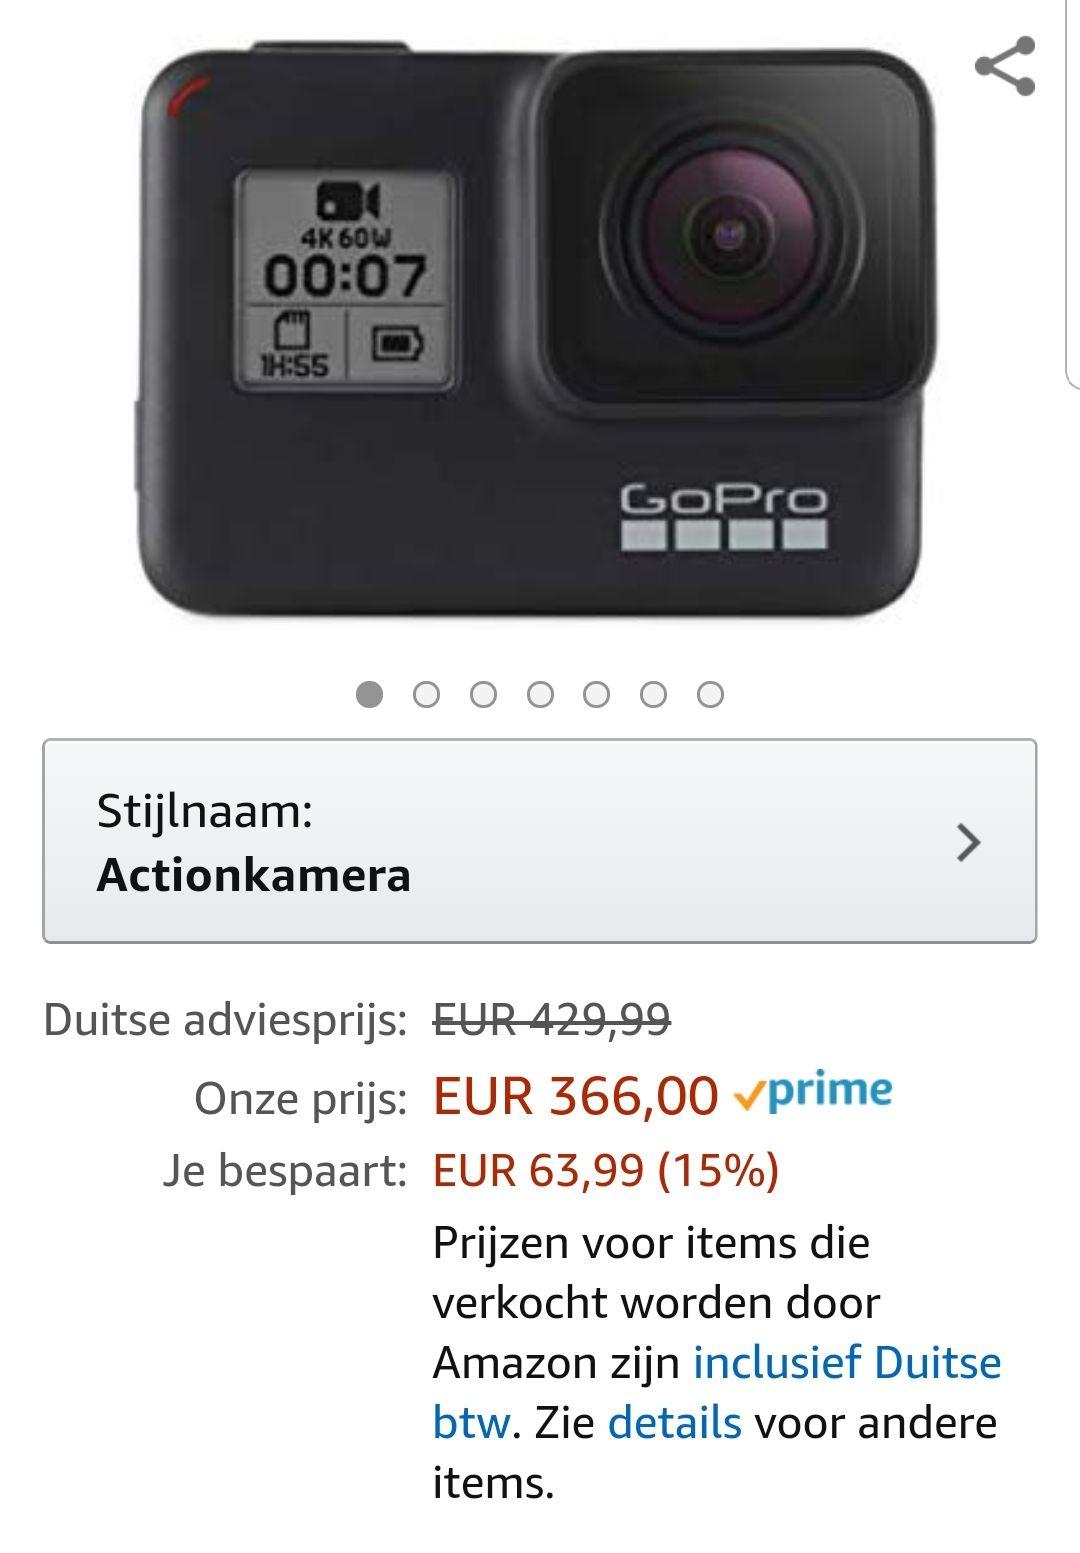 Gopro Hero 7 black voor 366 bij amazon.de